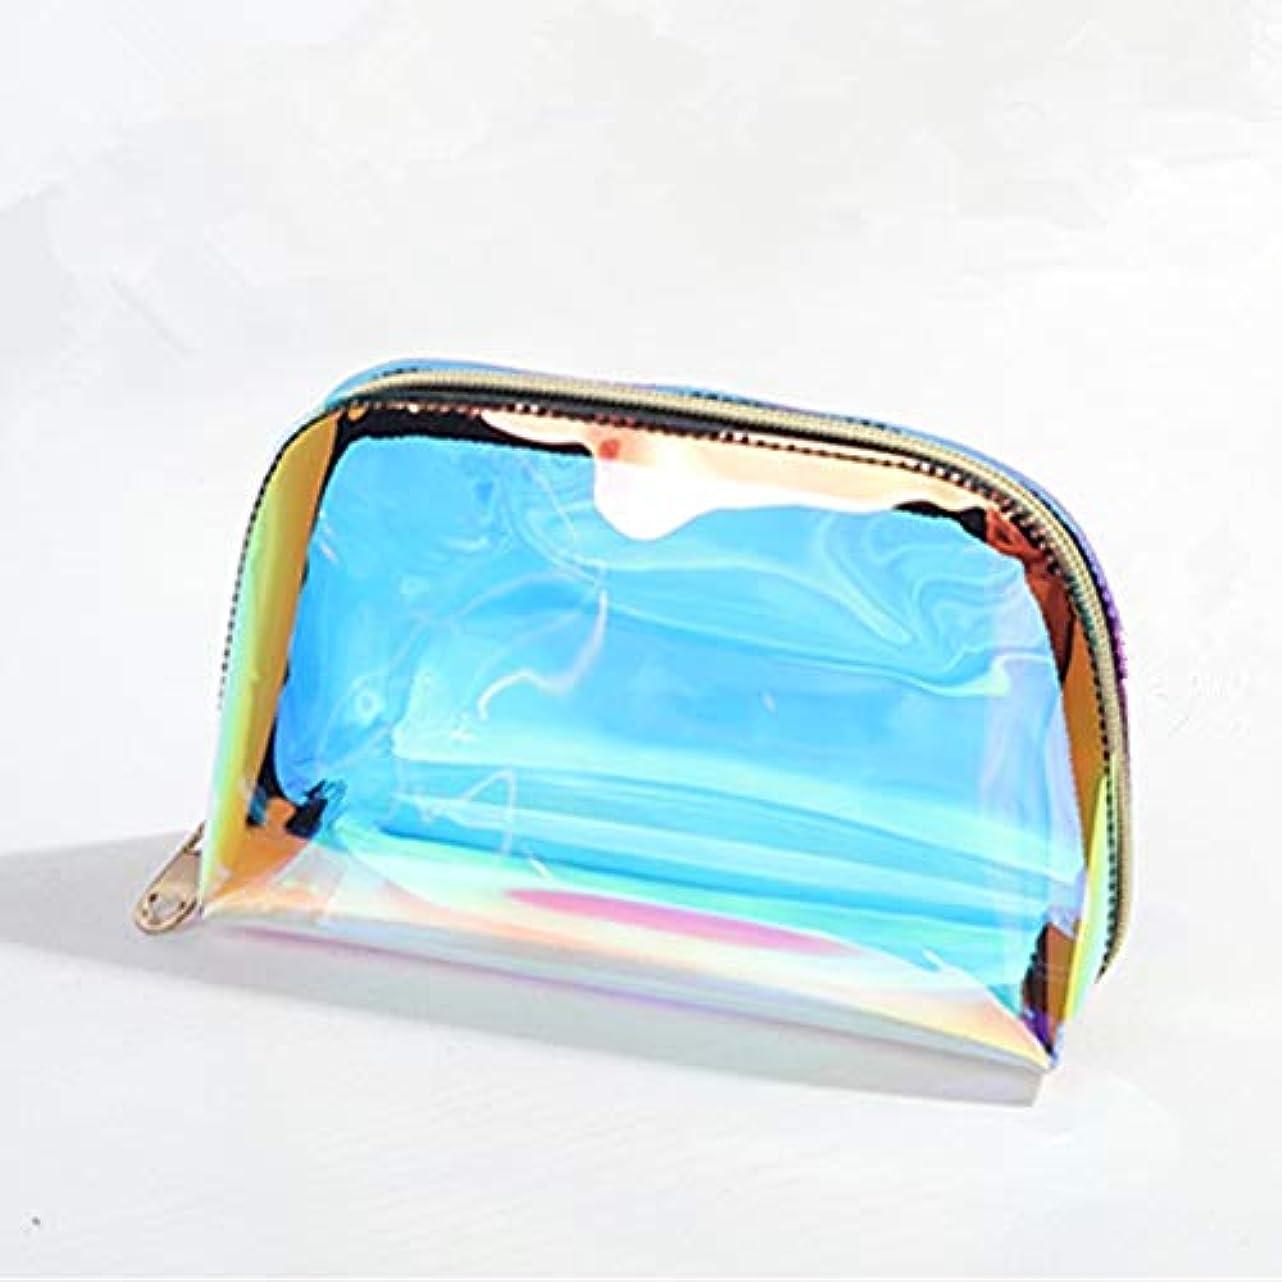 元気な伝染性大臣GUJIJI 化粧ポーチ 大容量 防水 軽量便利 旅行 出張 温泉 防水 収納 镭射デザイン多機能バッグ 透明化粧品ボックス (SMALL, マルチカラー)